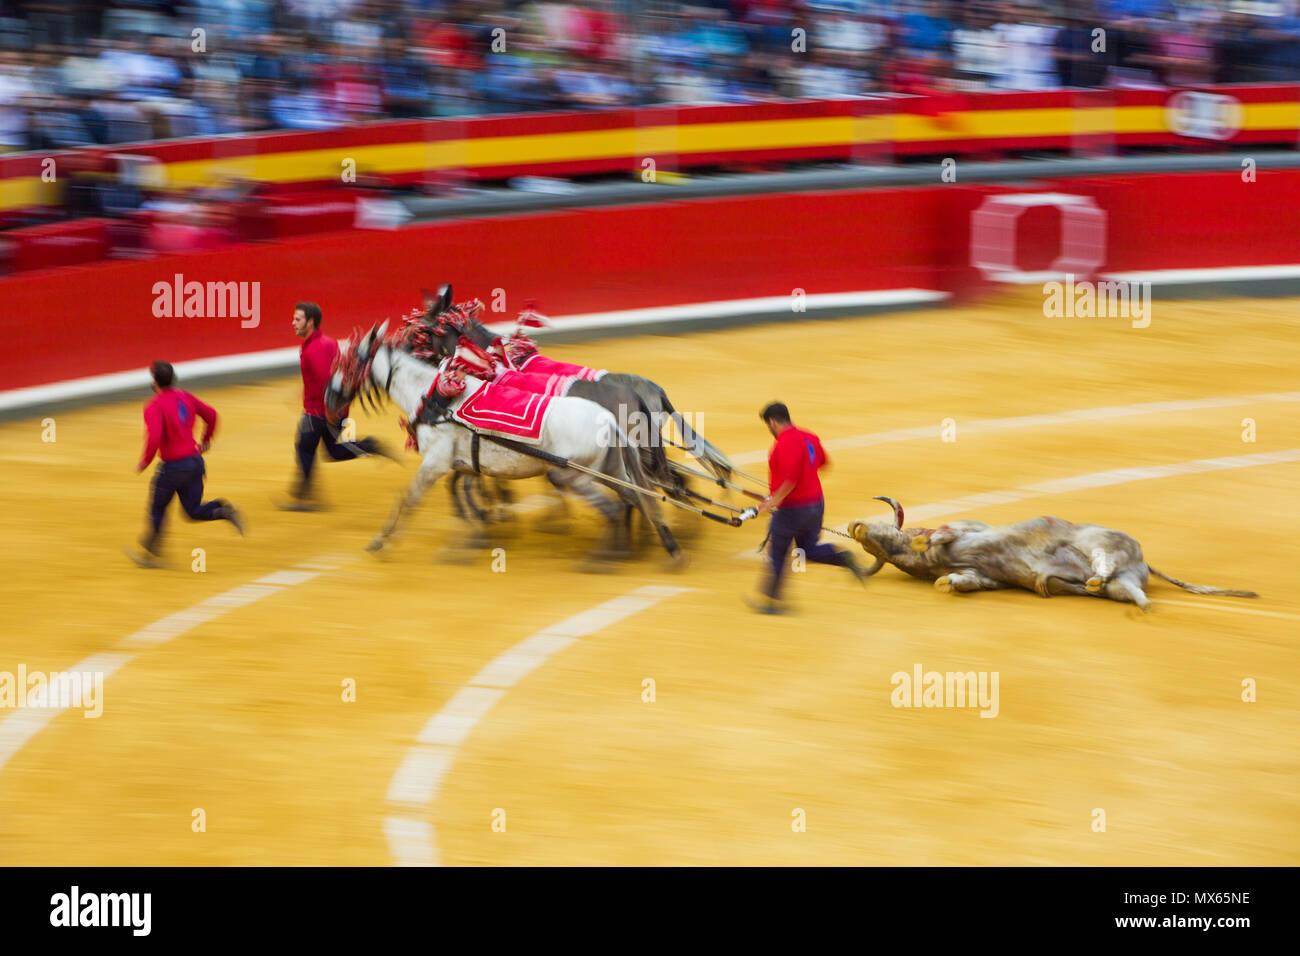 Bullring Granada Spain Stock Photos Bullring Granada Spain Stock